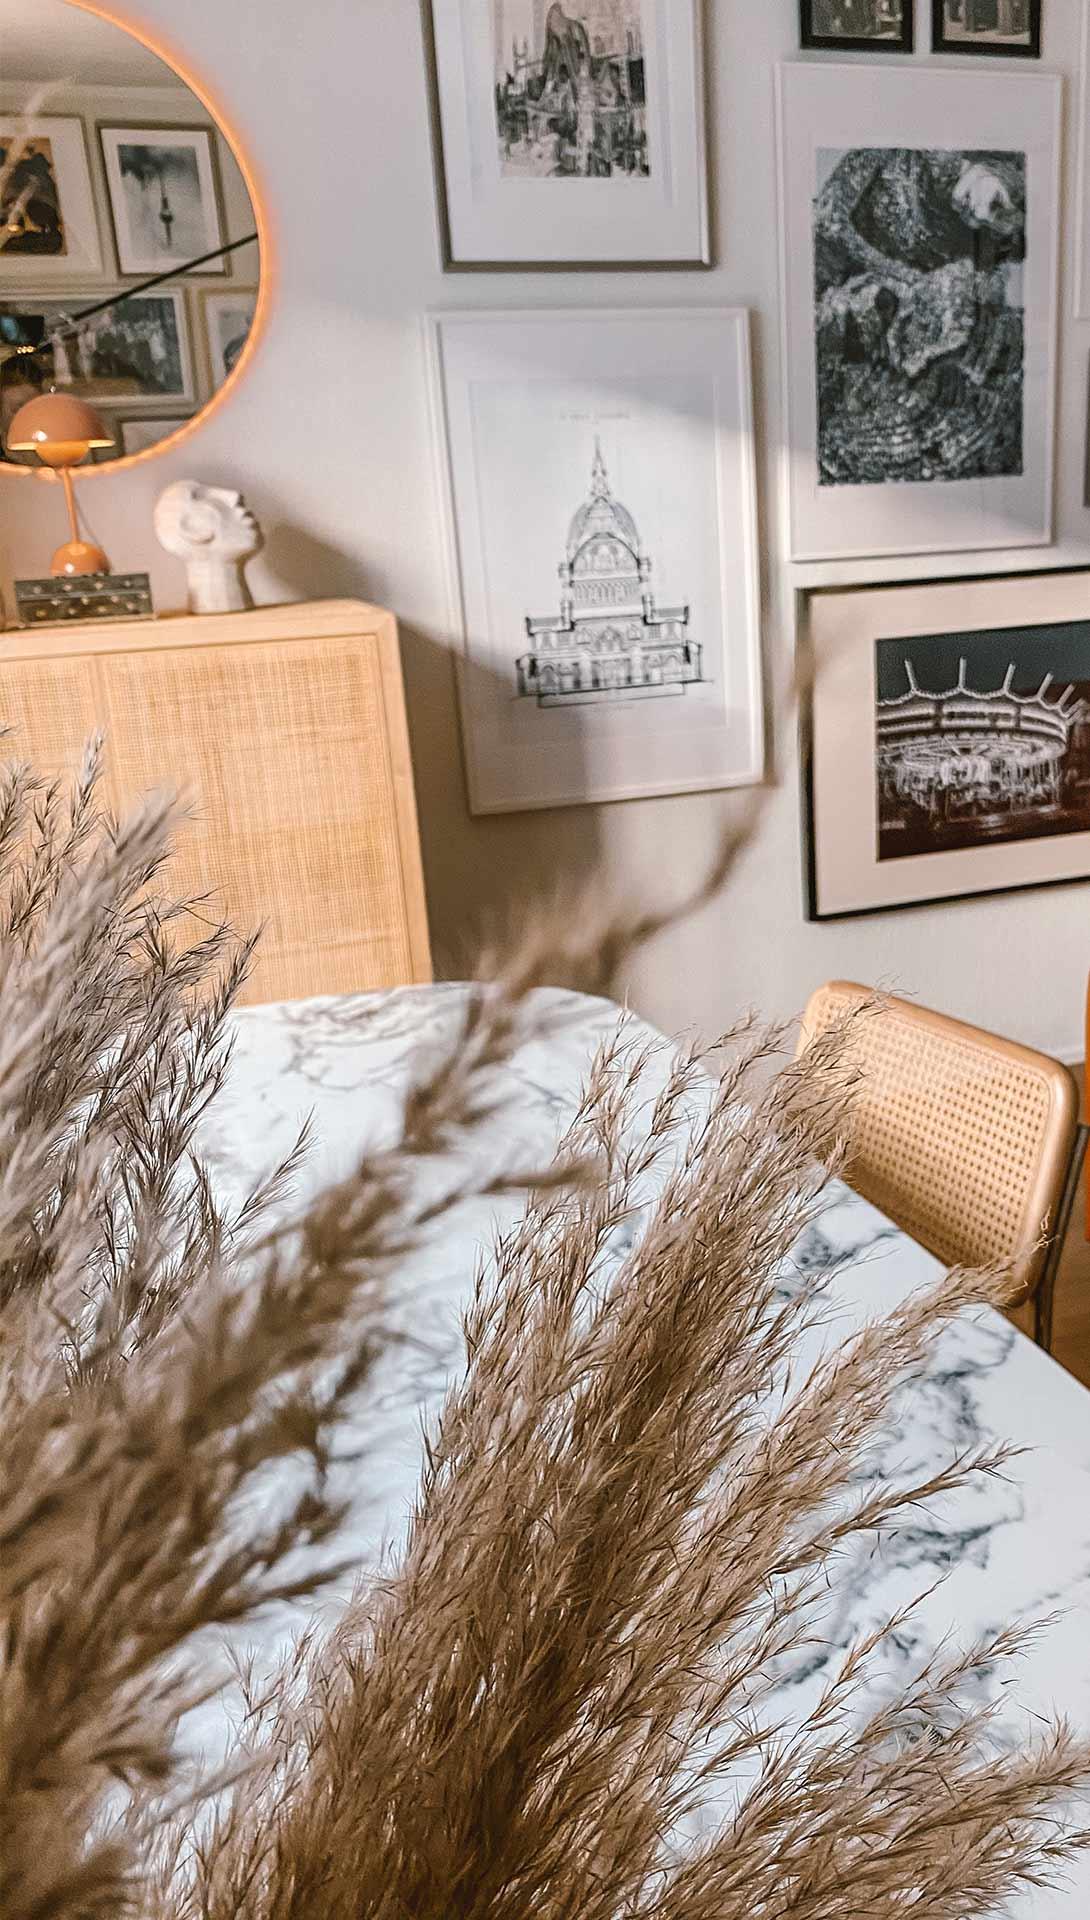 Homestory: Aufgeräumt, gemütlich und individuell einfach desmondo inspiration für deinen Wohnraum